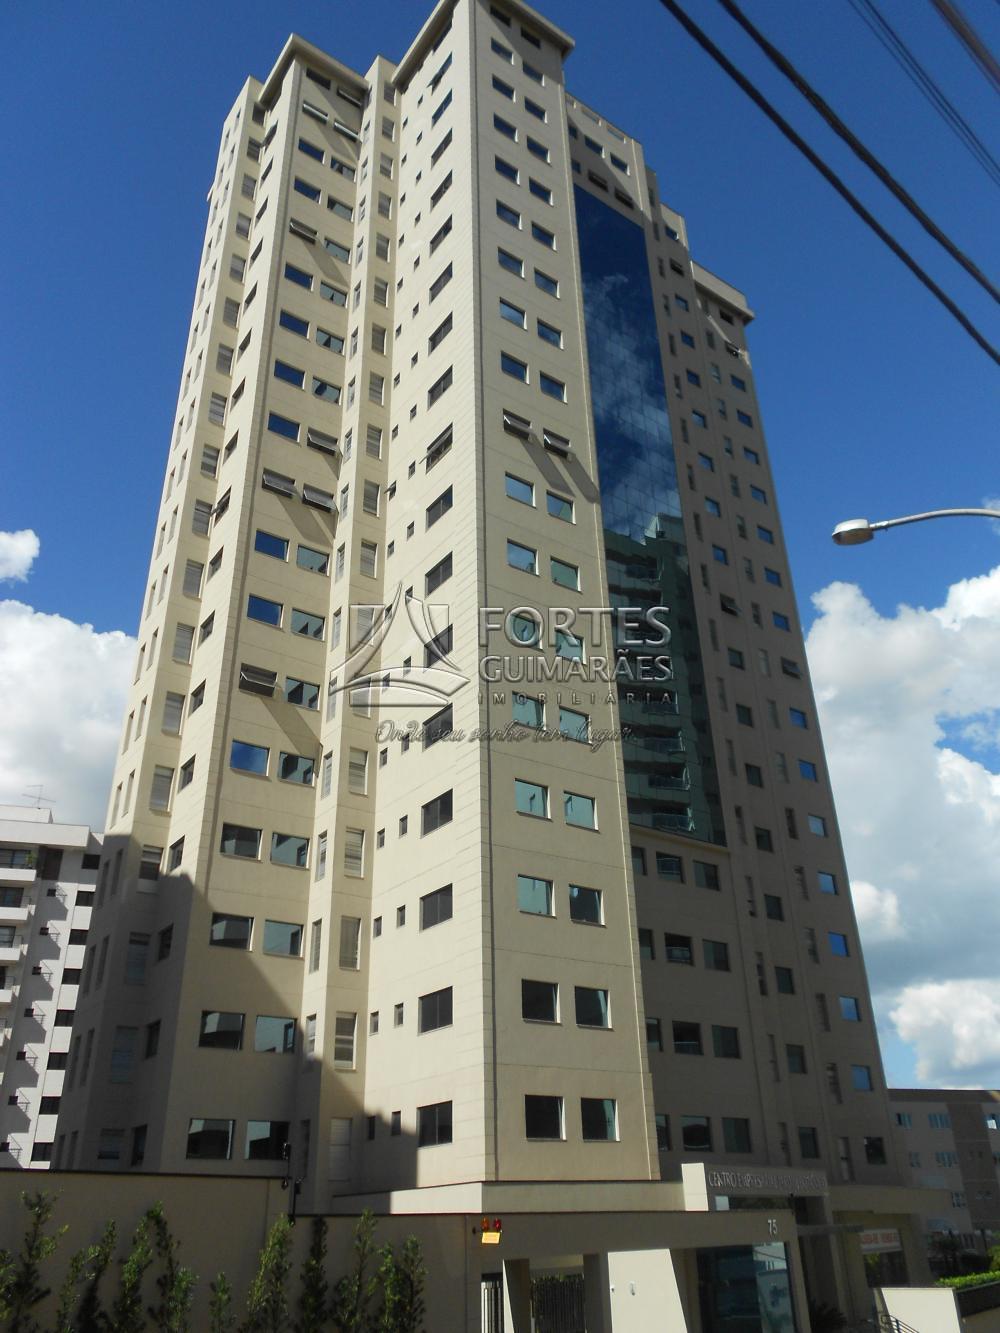 Alugar Comercial / Sala em Ribeirão Preto apenas R$ 950,00 - Foto 1